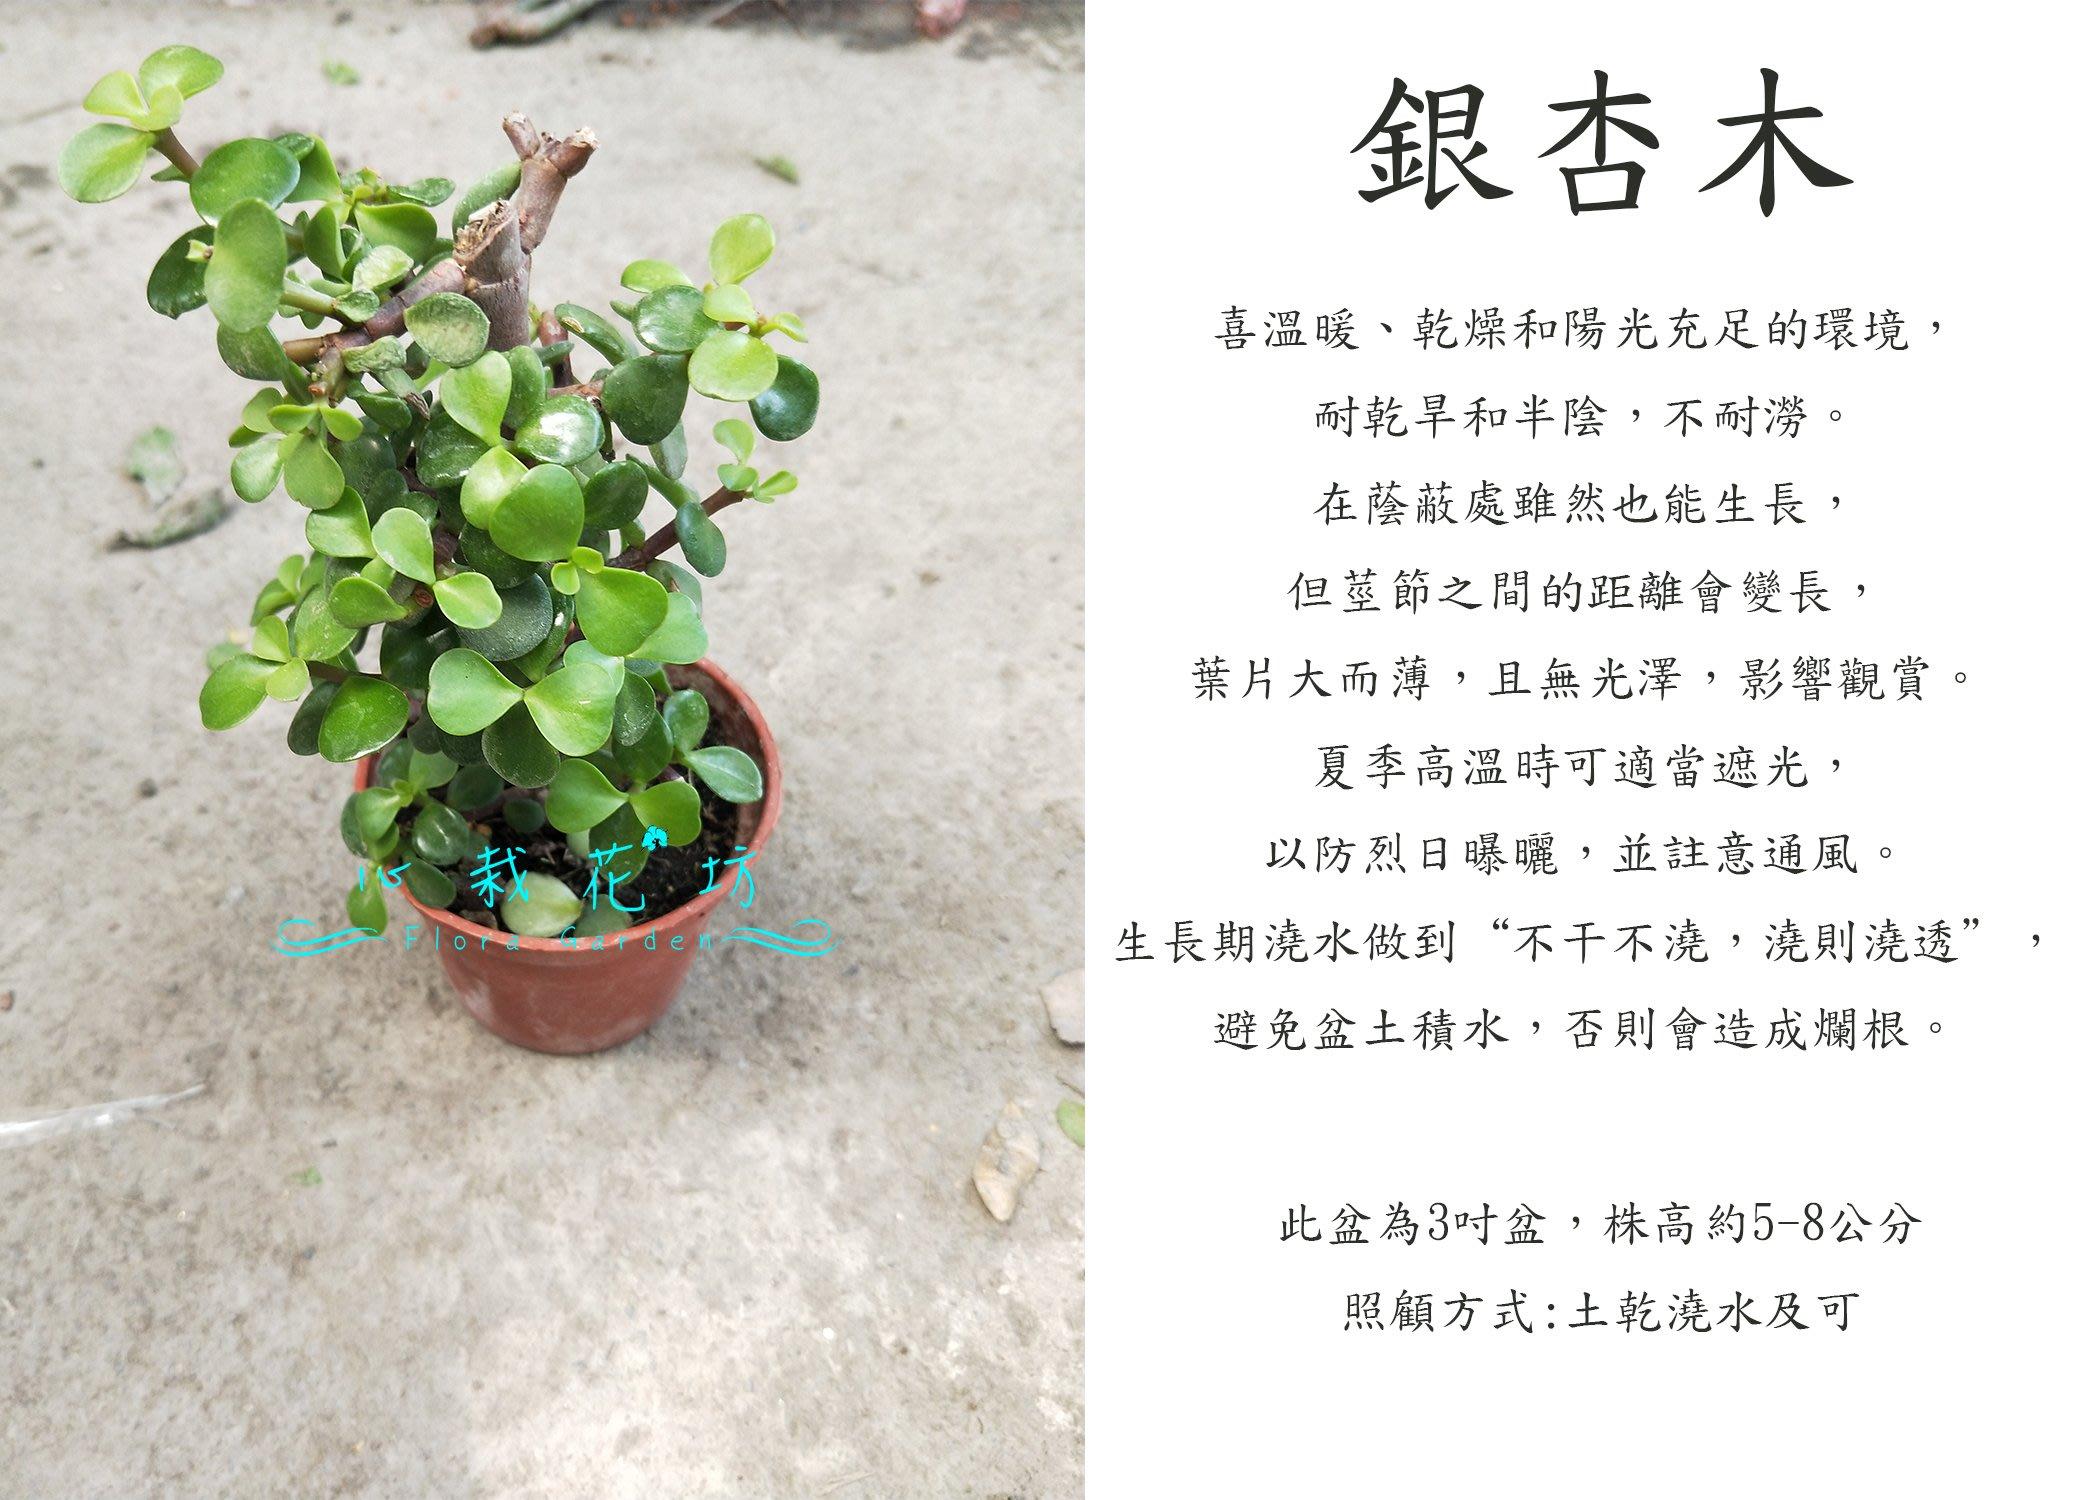 心栽花坊-銀杏木/樹馬齒莧/馬齒莧樹/3吋/綠化植物/綠籬植物/觀葉植物/售價40特價35